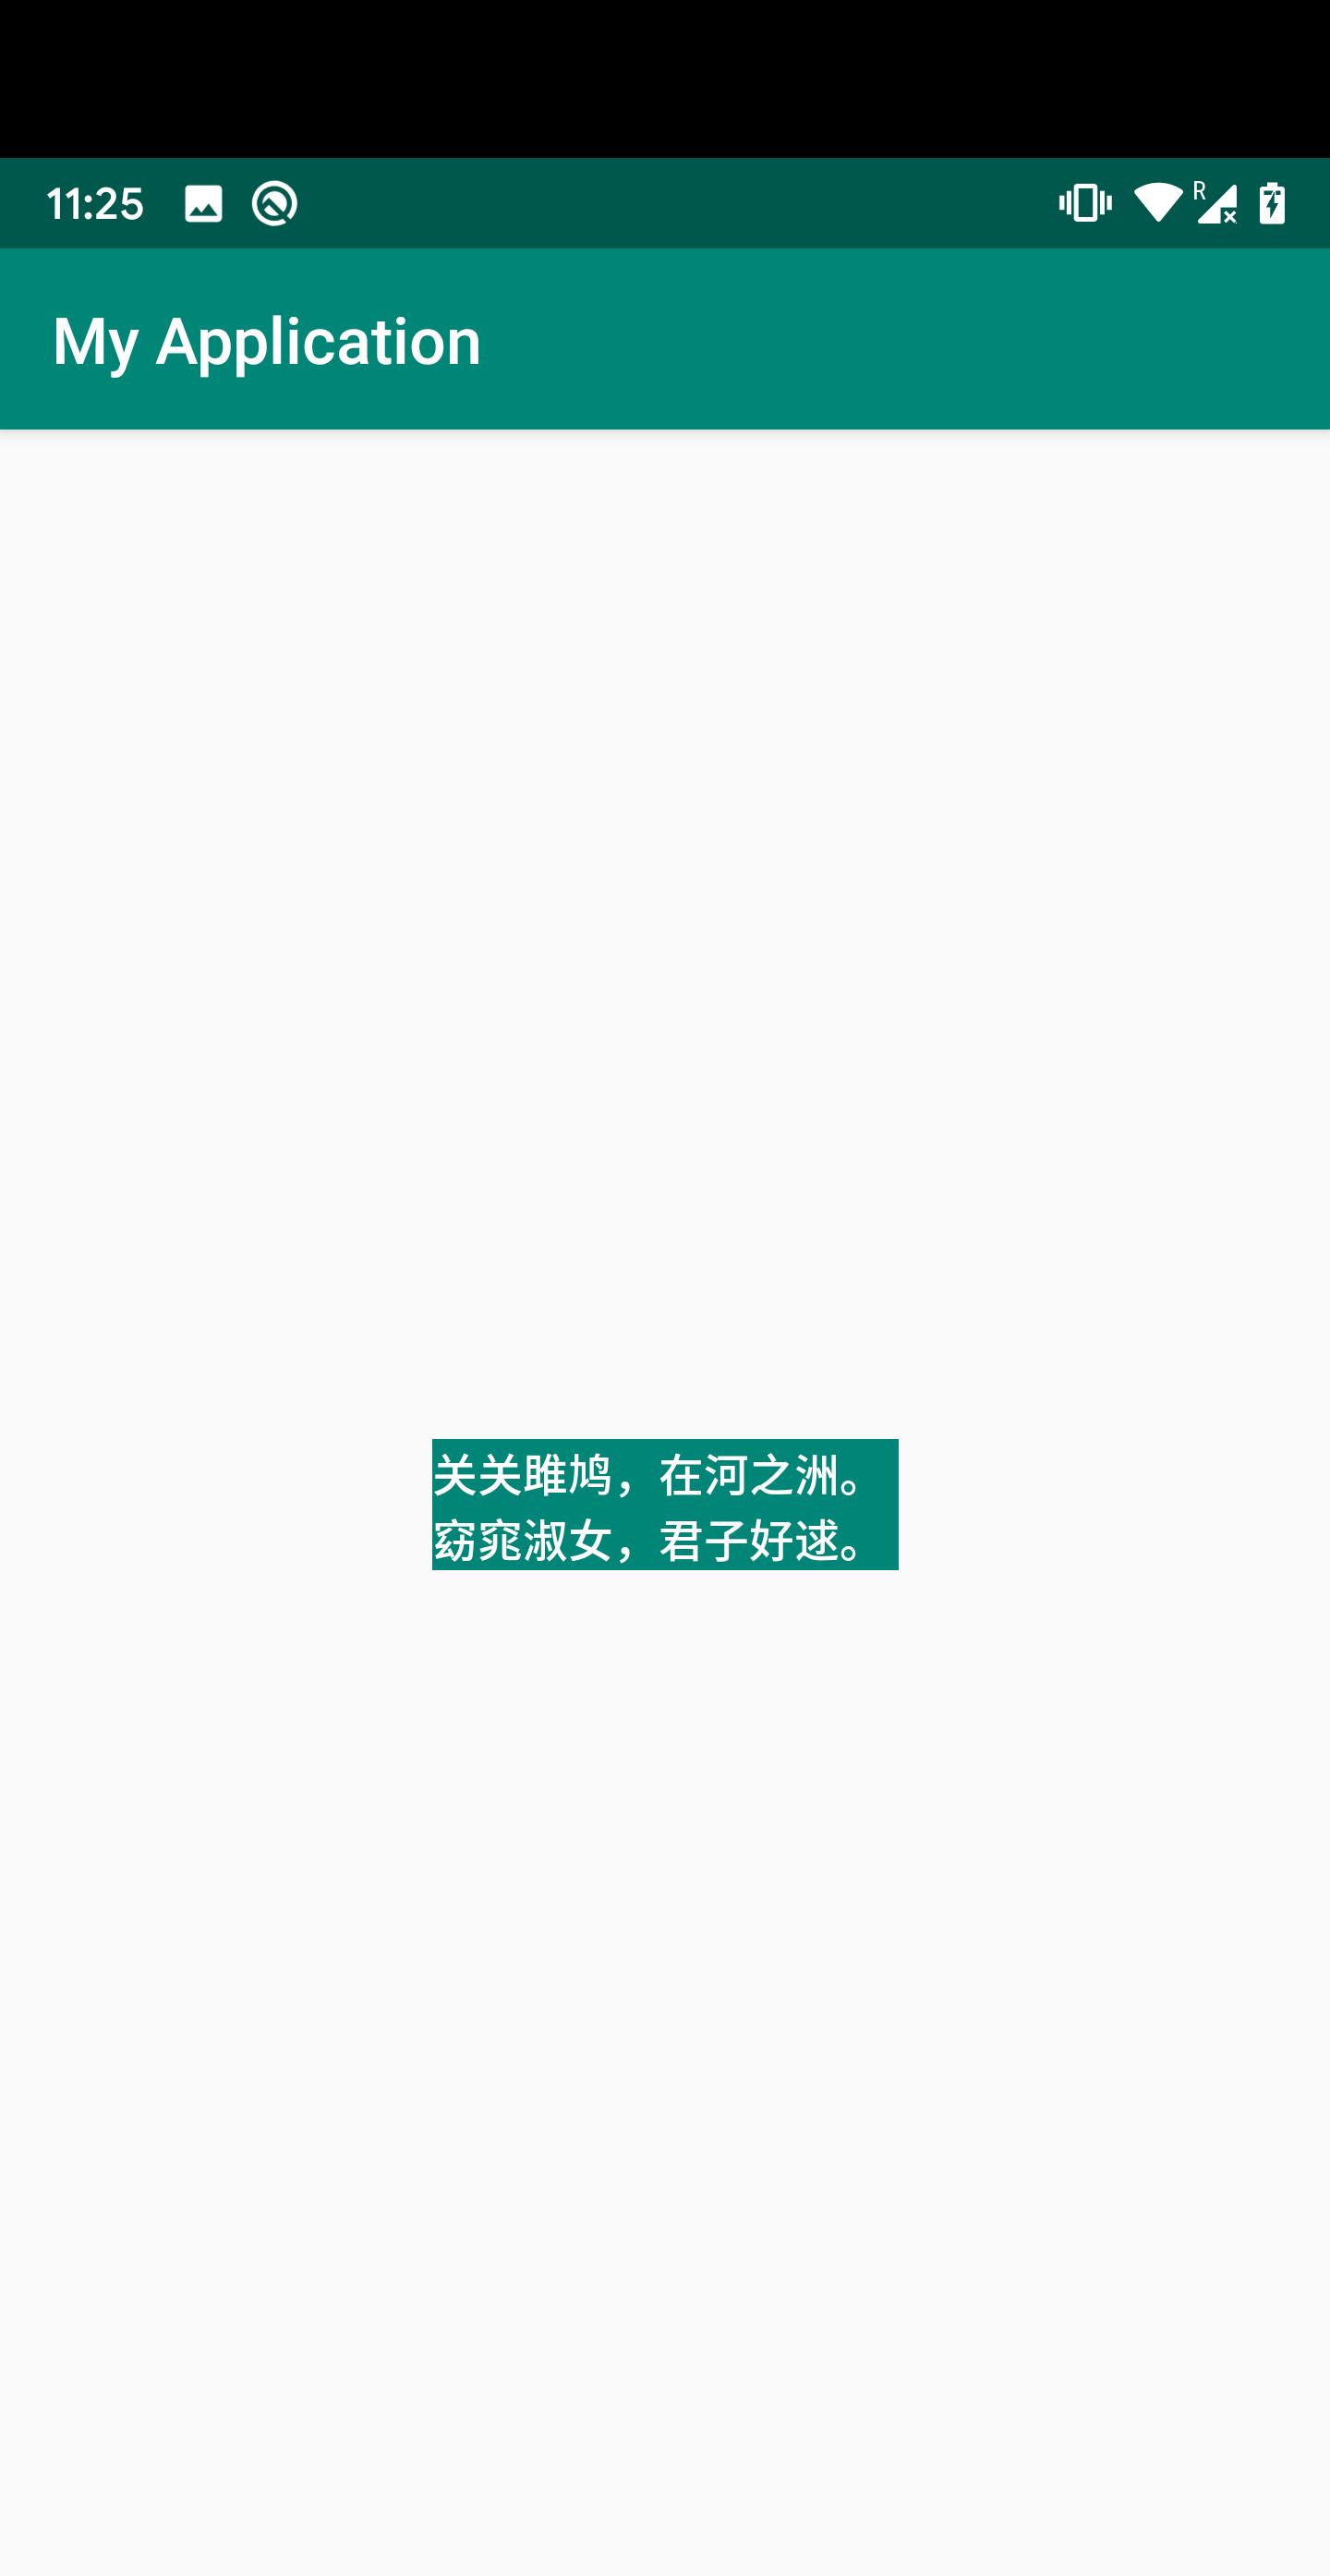 Noto Sans CJK Version 2 001 on Android still have strange padding